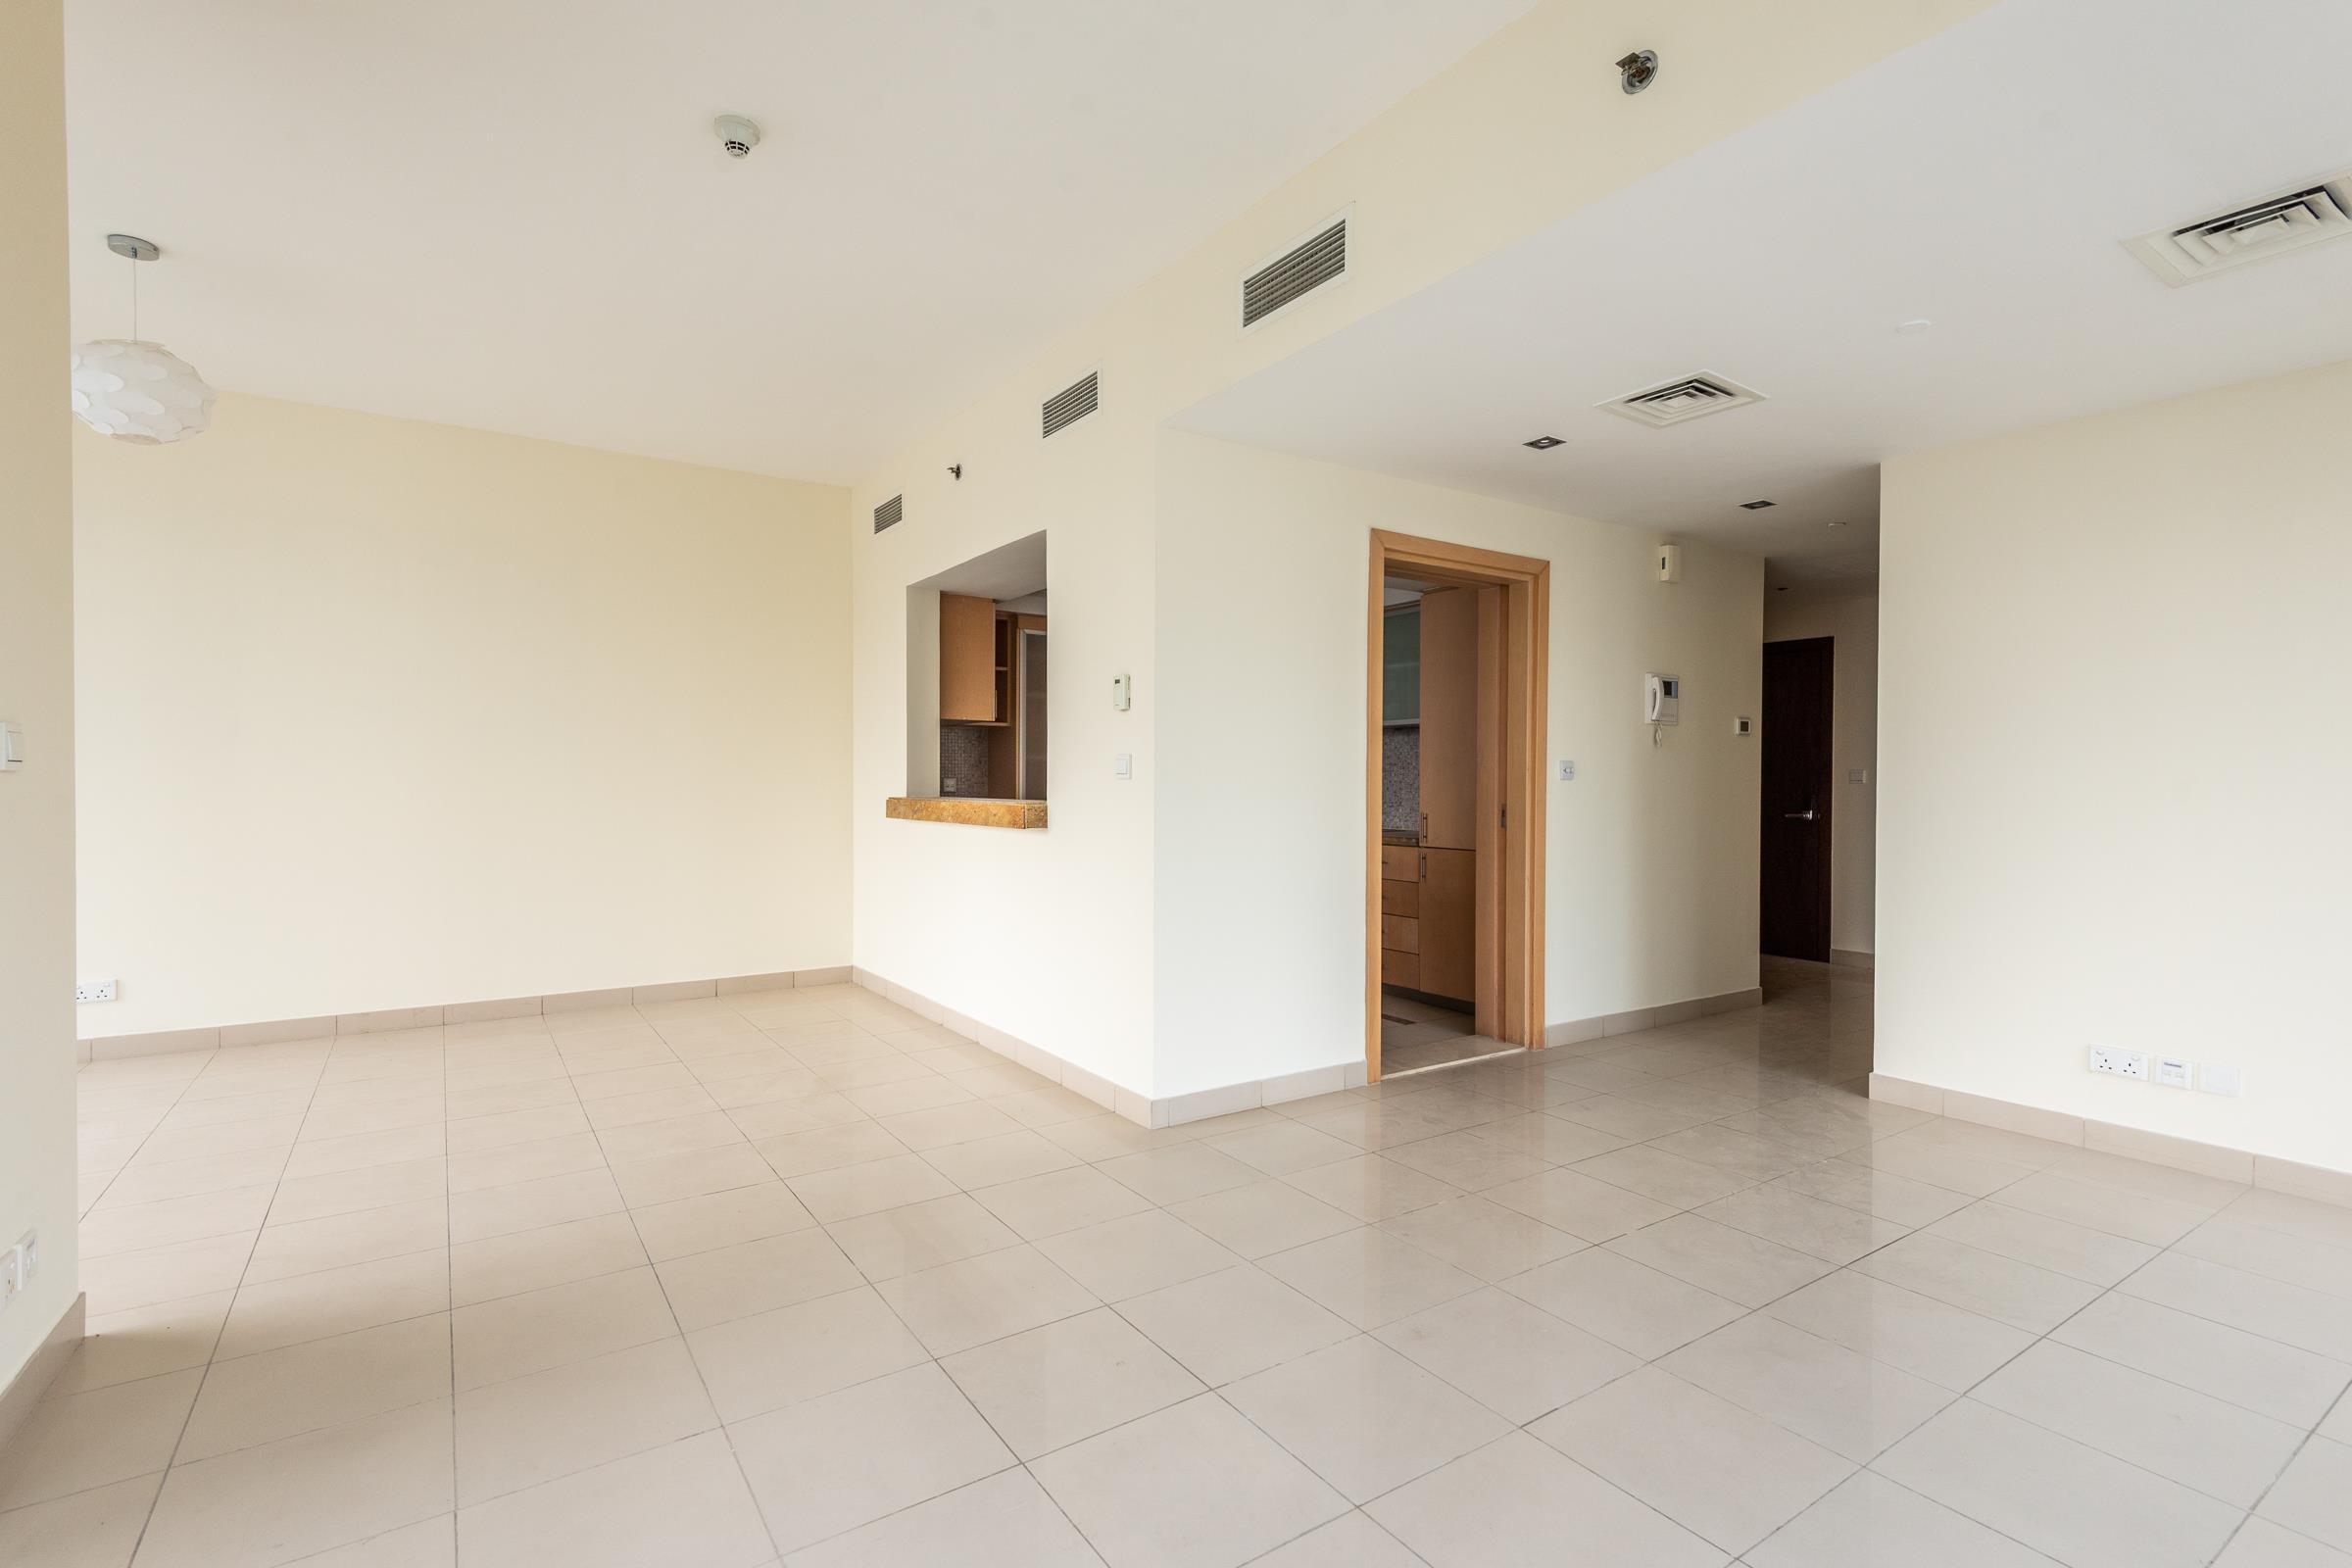 New To Market |  2 Bedroom | Marina View